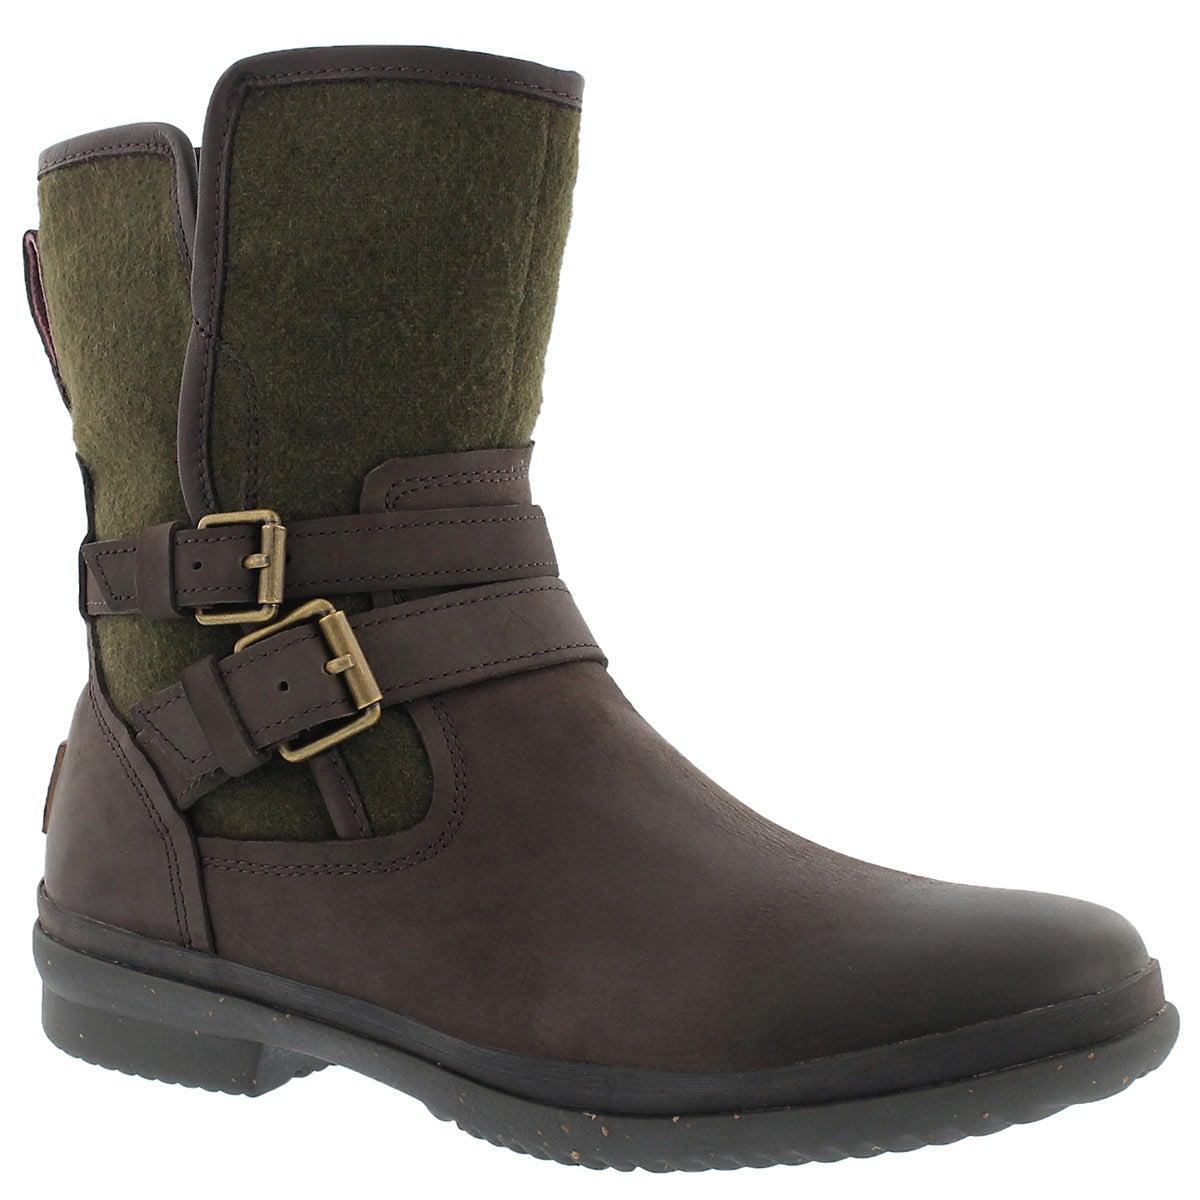 Women's SIMMENS stout waterproof boots